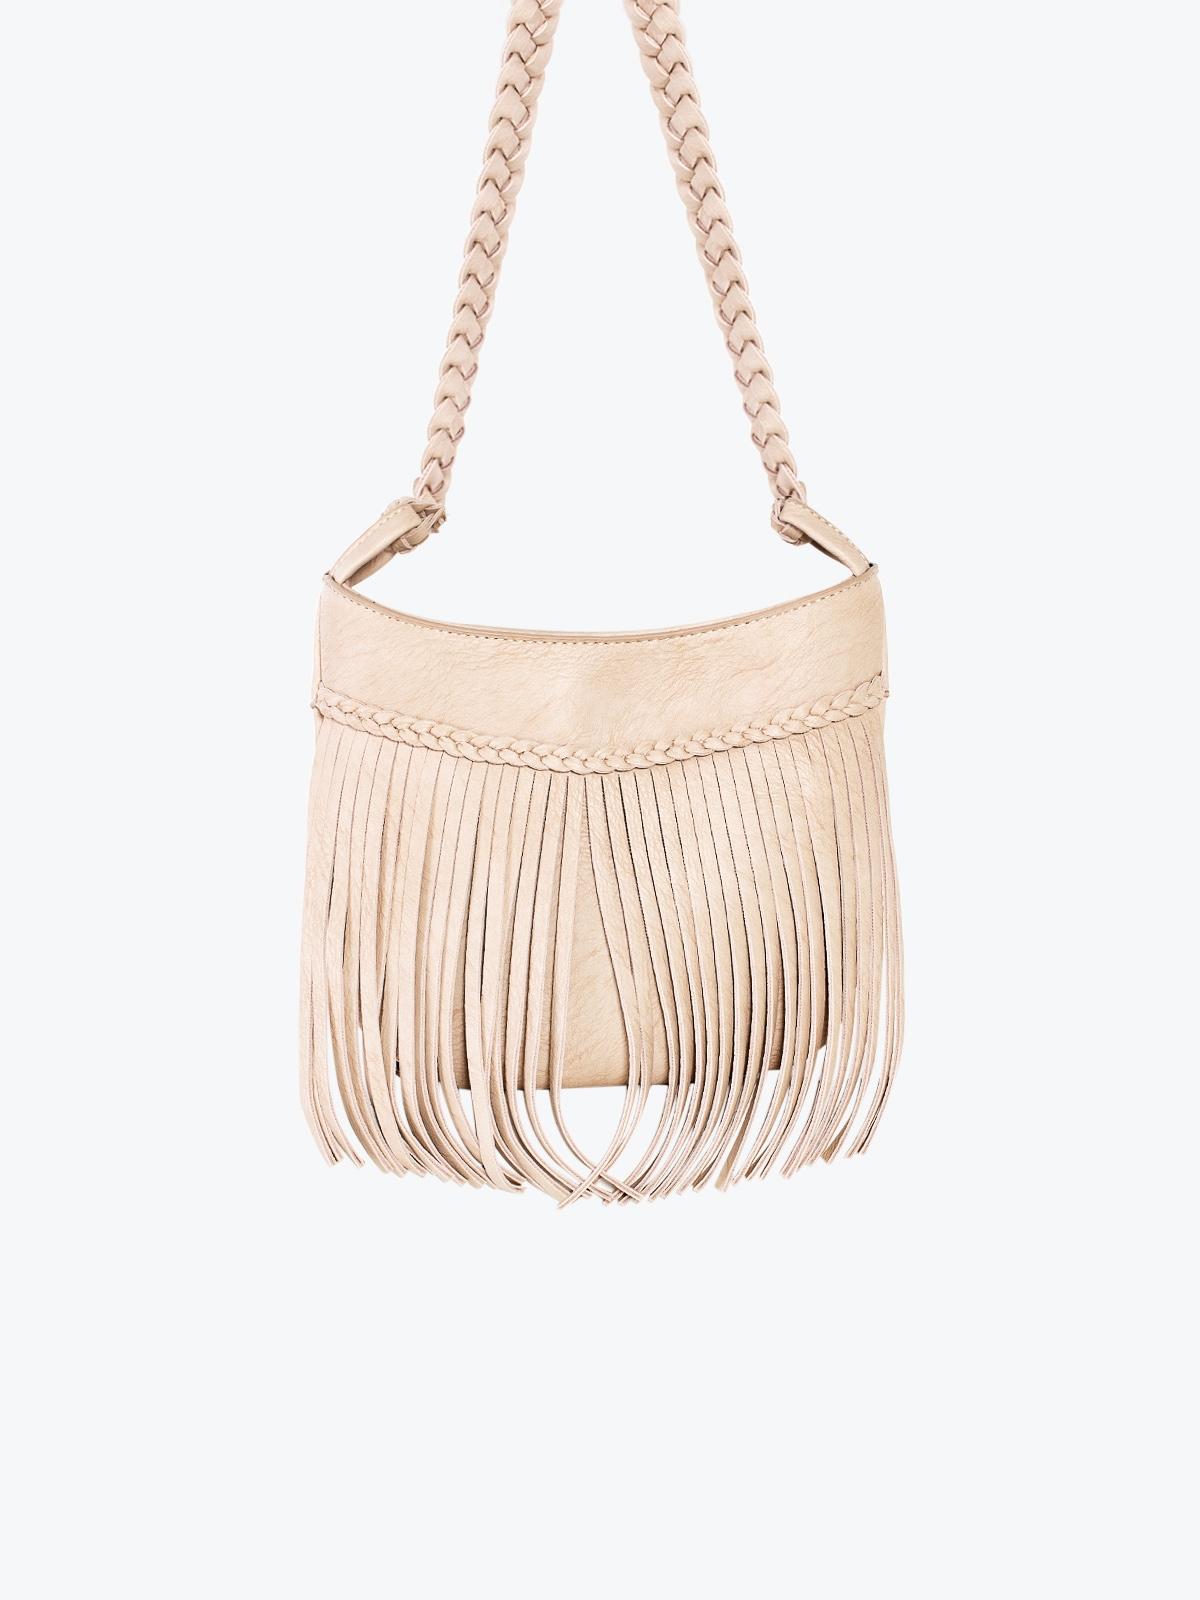 Fringe Braided Leather Shoulder Bag